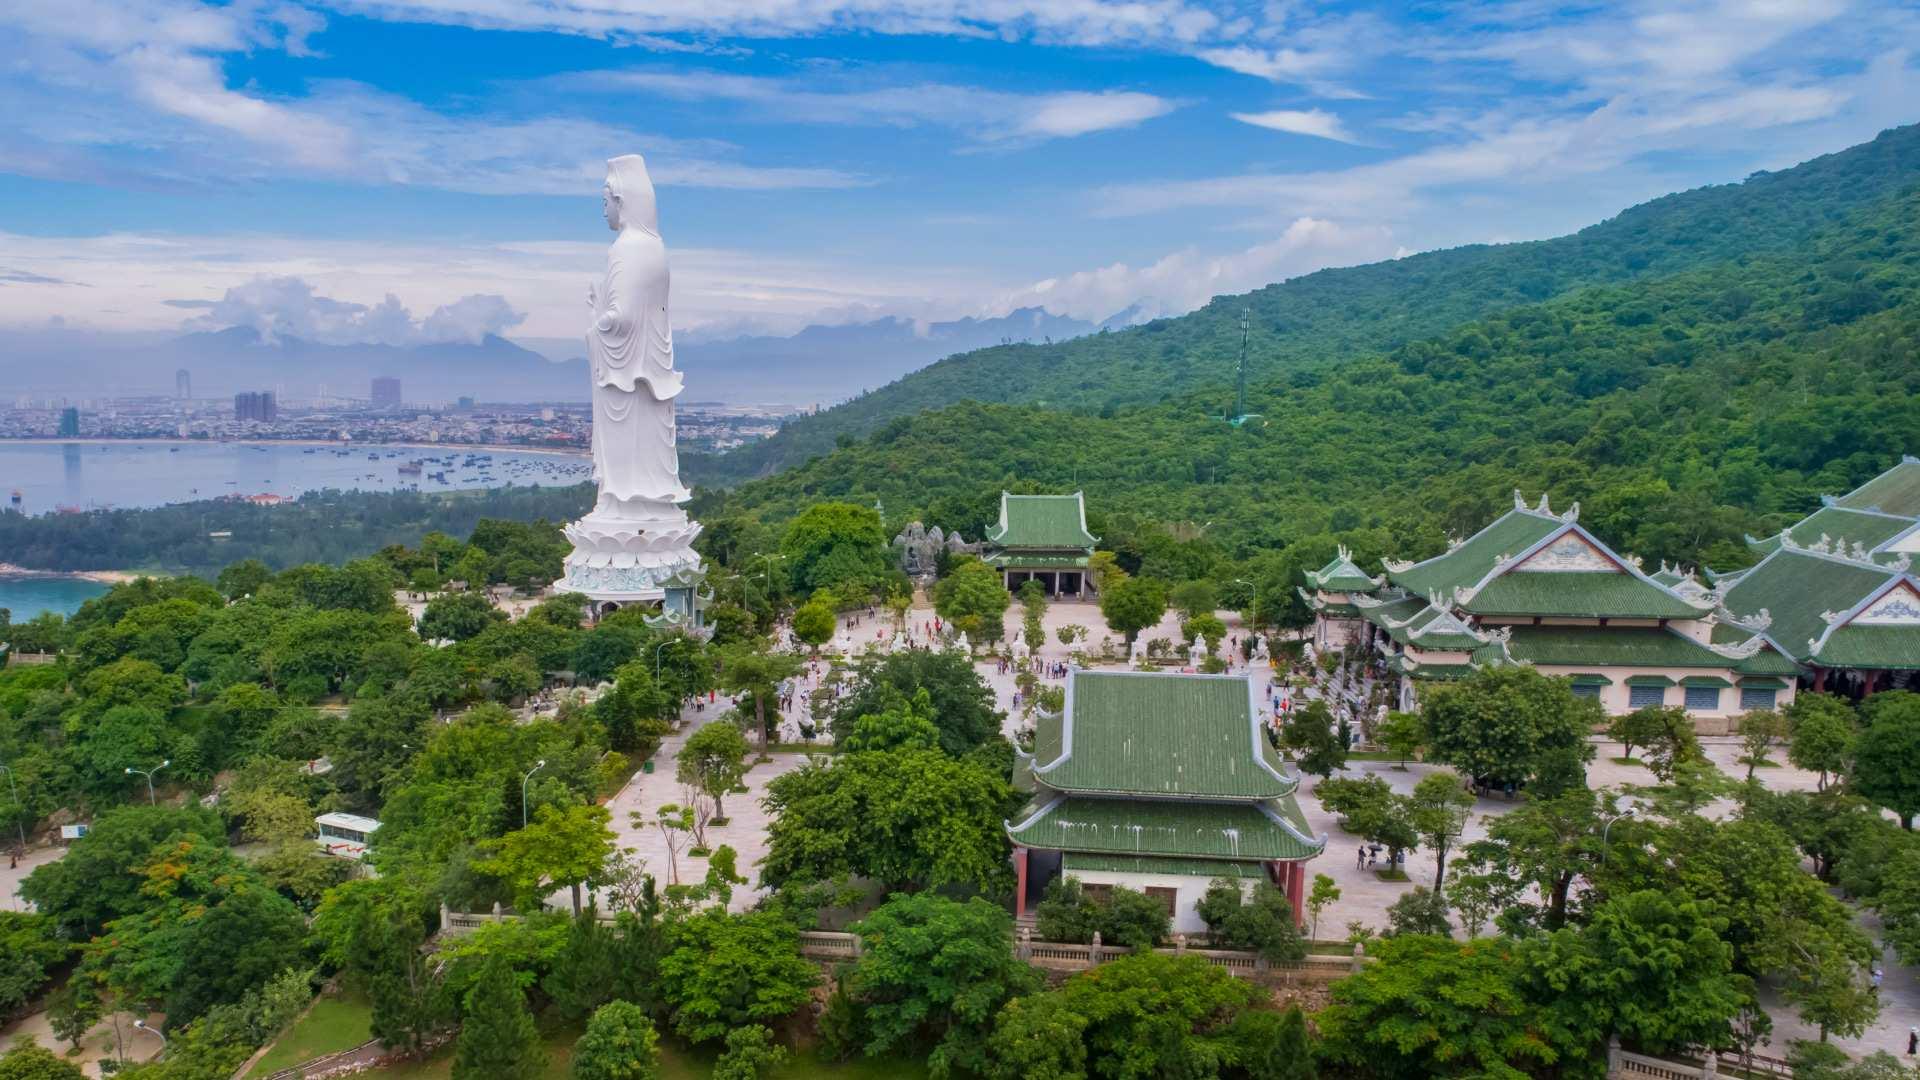 【峴港市區一日遊】五行山、占婆雕刻博物館、漢市場